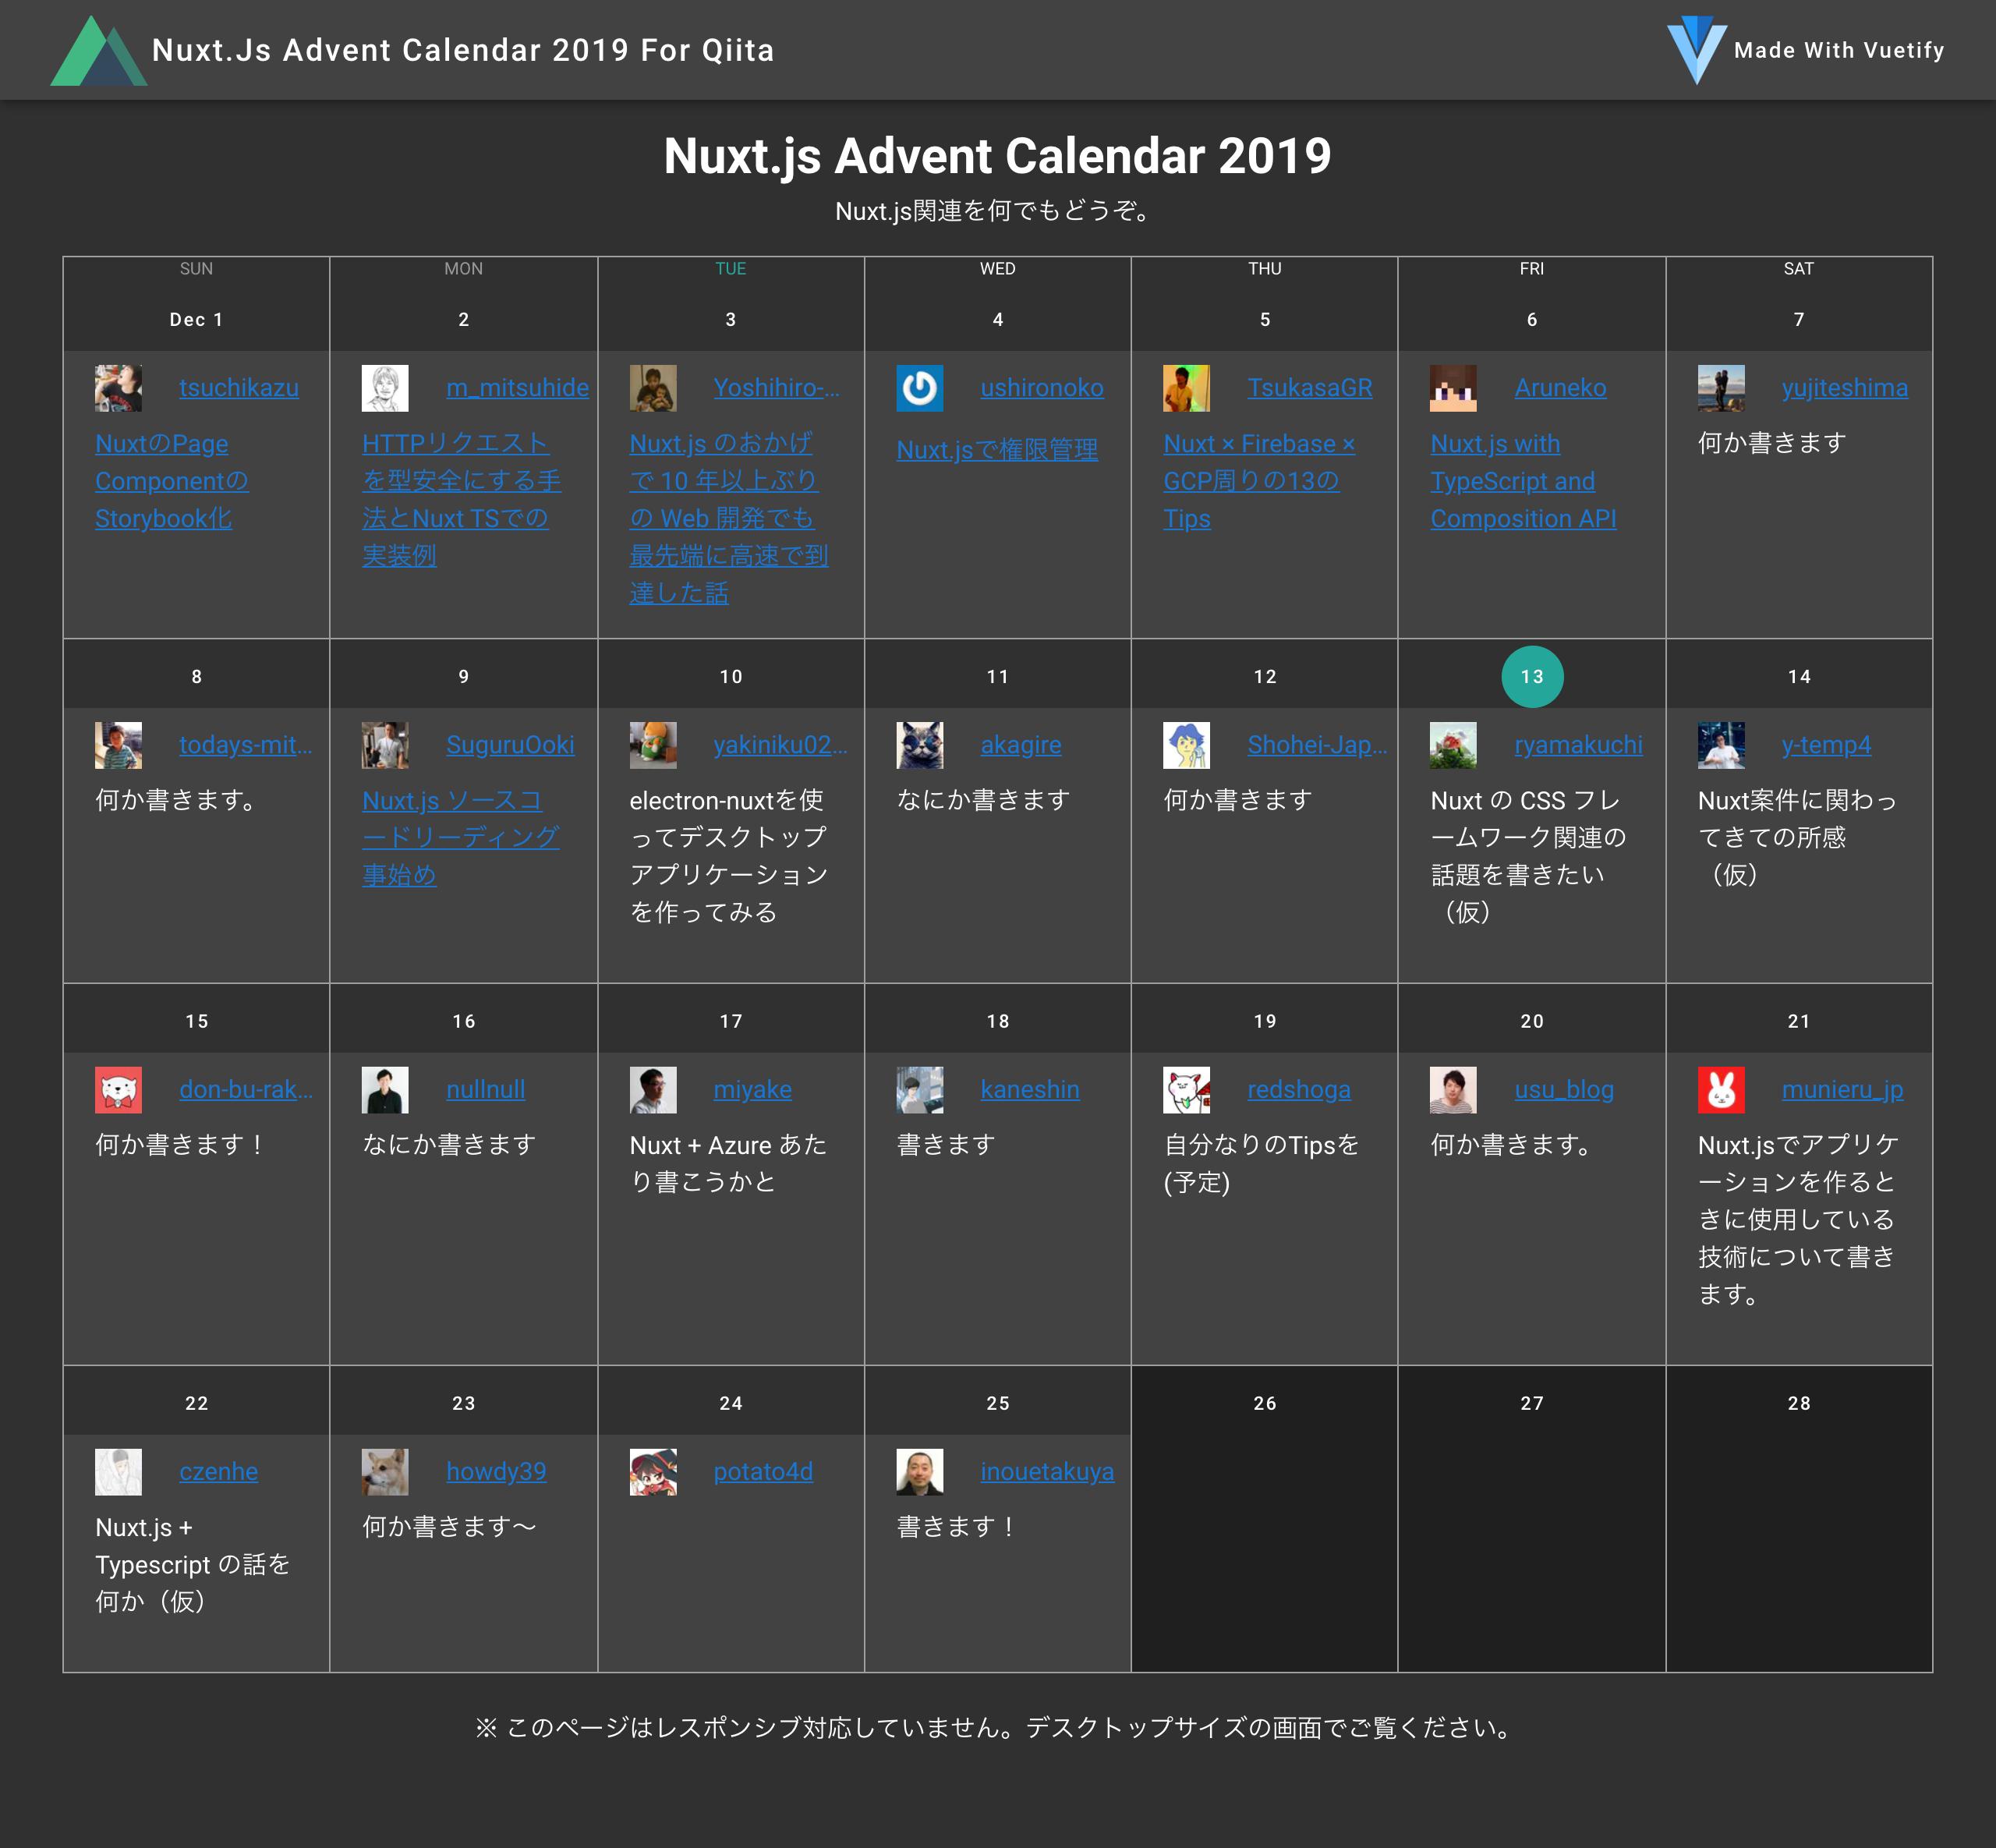 advent-calendar-2019-vuetify.netlify.com.png